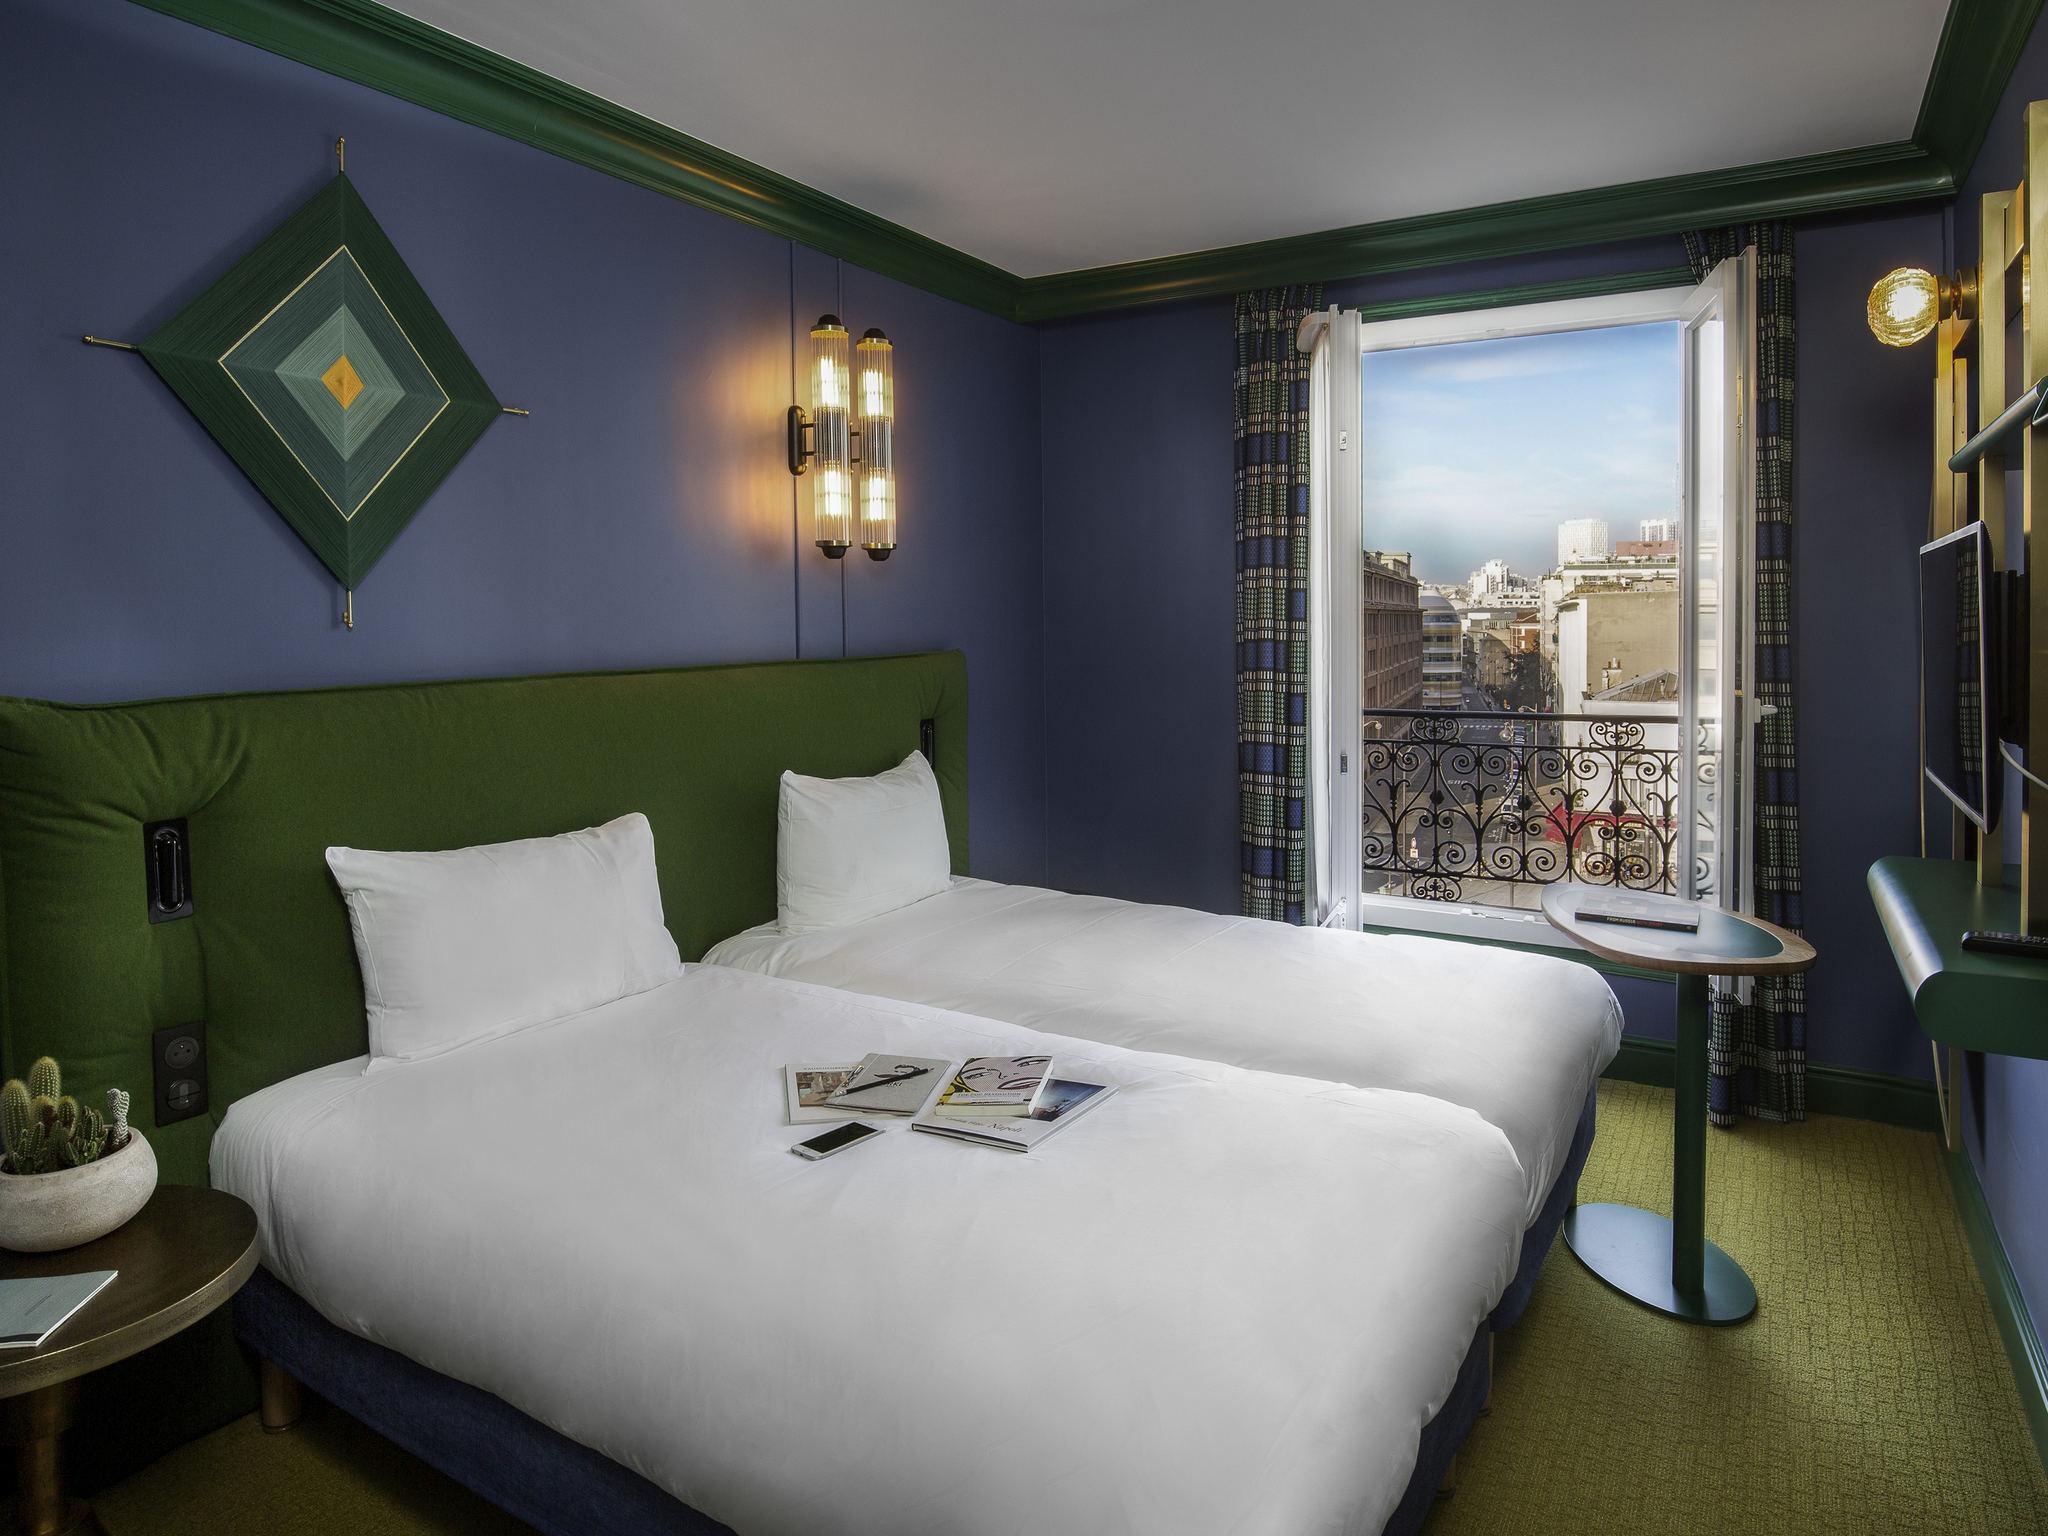 فندق - ibis Styles باريس ناسيون كور دي فينسين